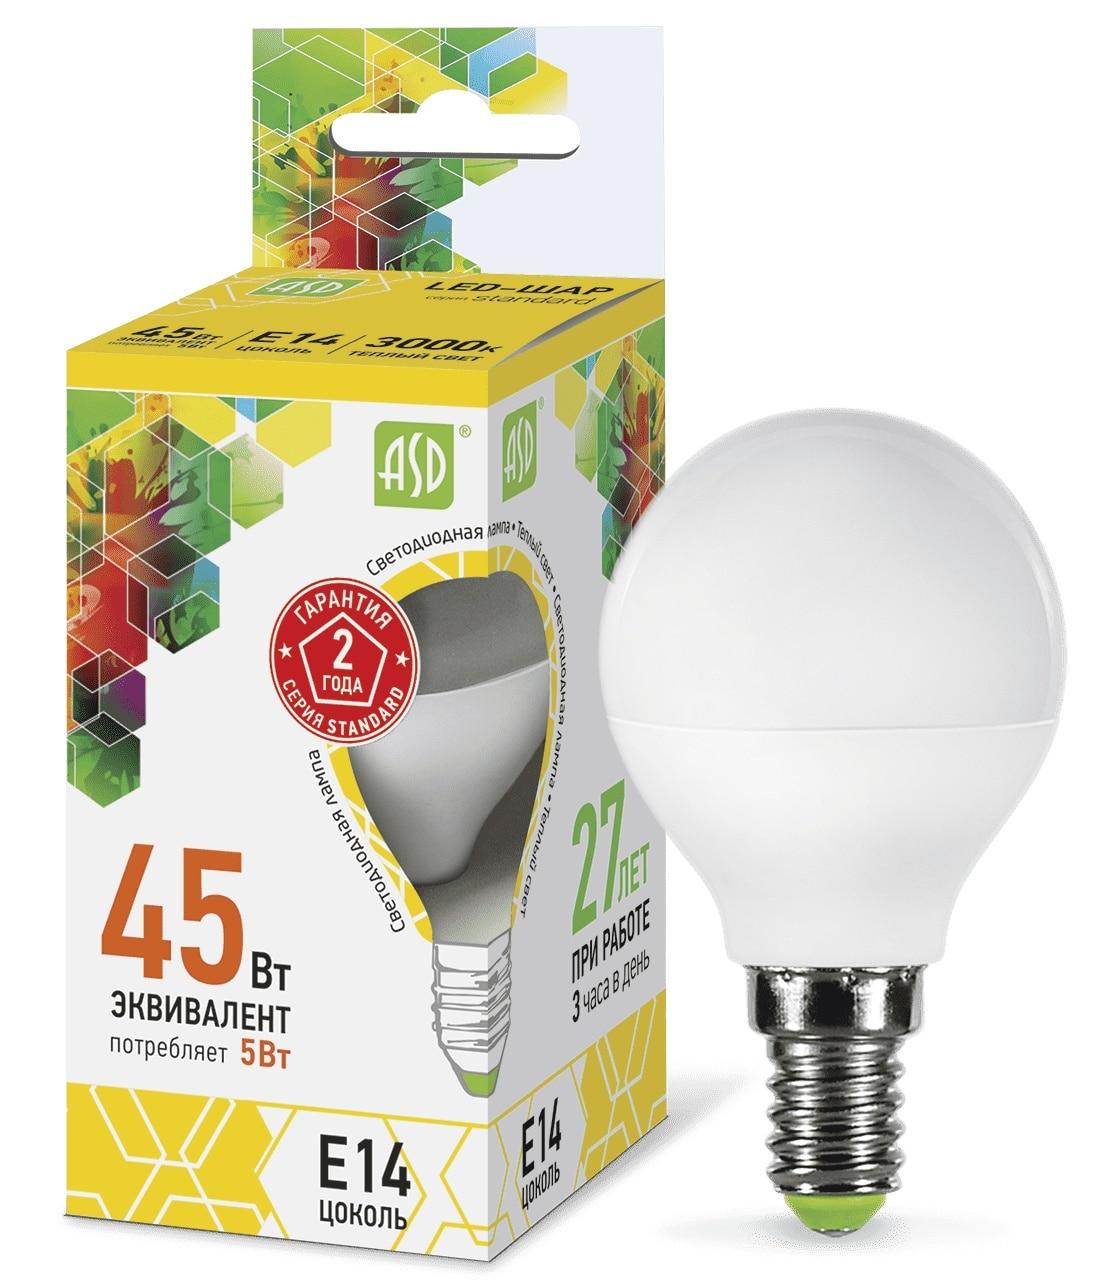 Lamp Led Led Ball-standard 5w 160-260v E14 3000 K 450lm ASD 4690612002125